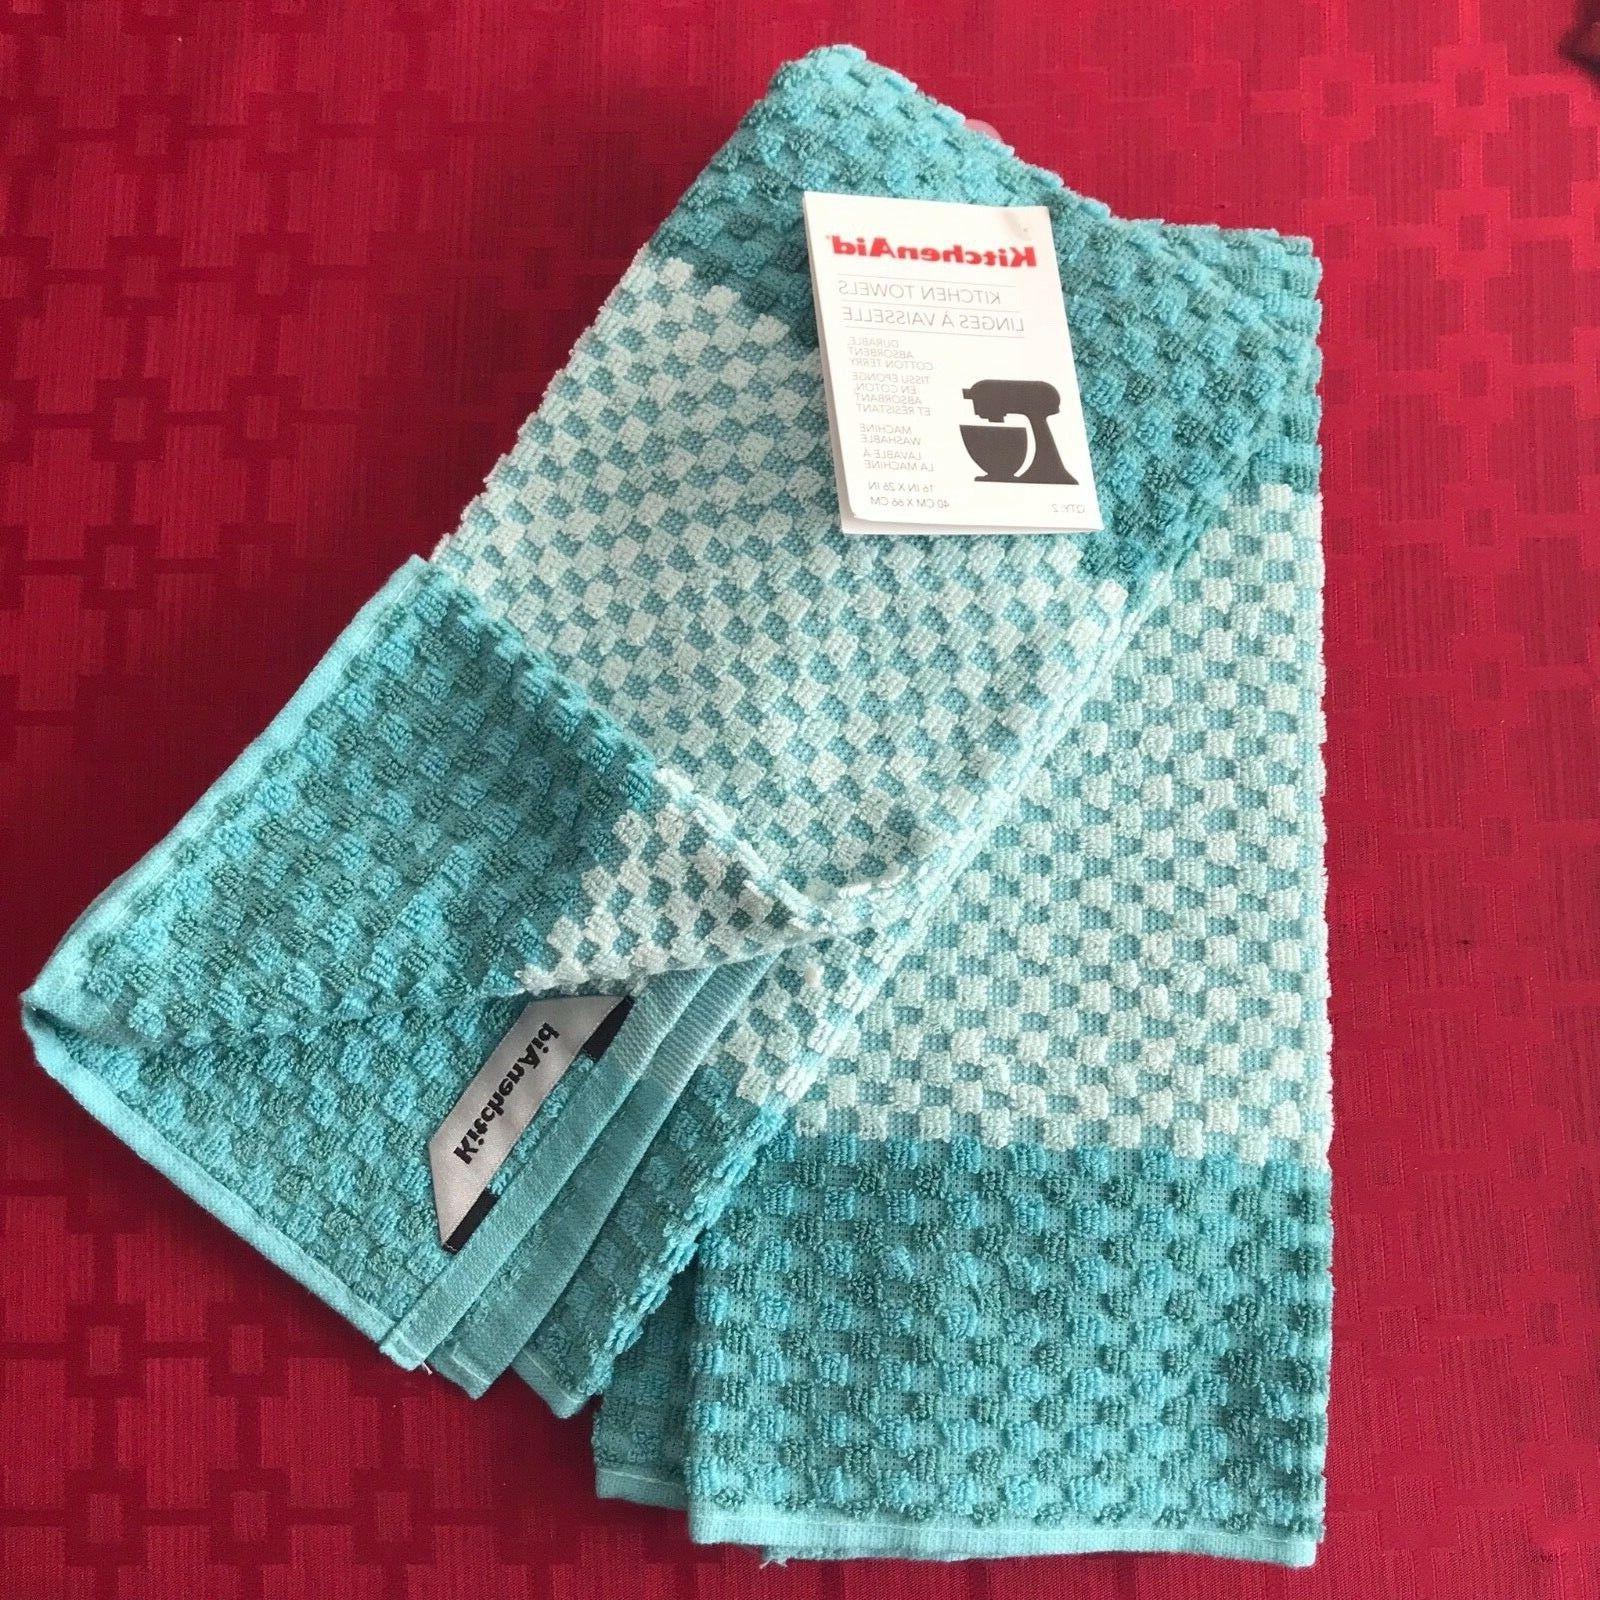 AQUA KITCHEN TOWELS 2 PACK ABSORBENT